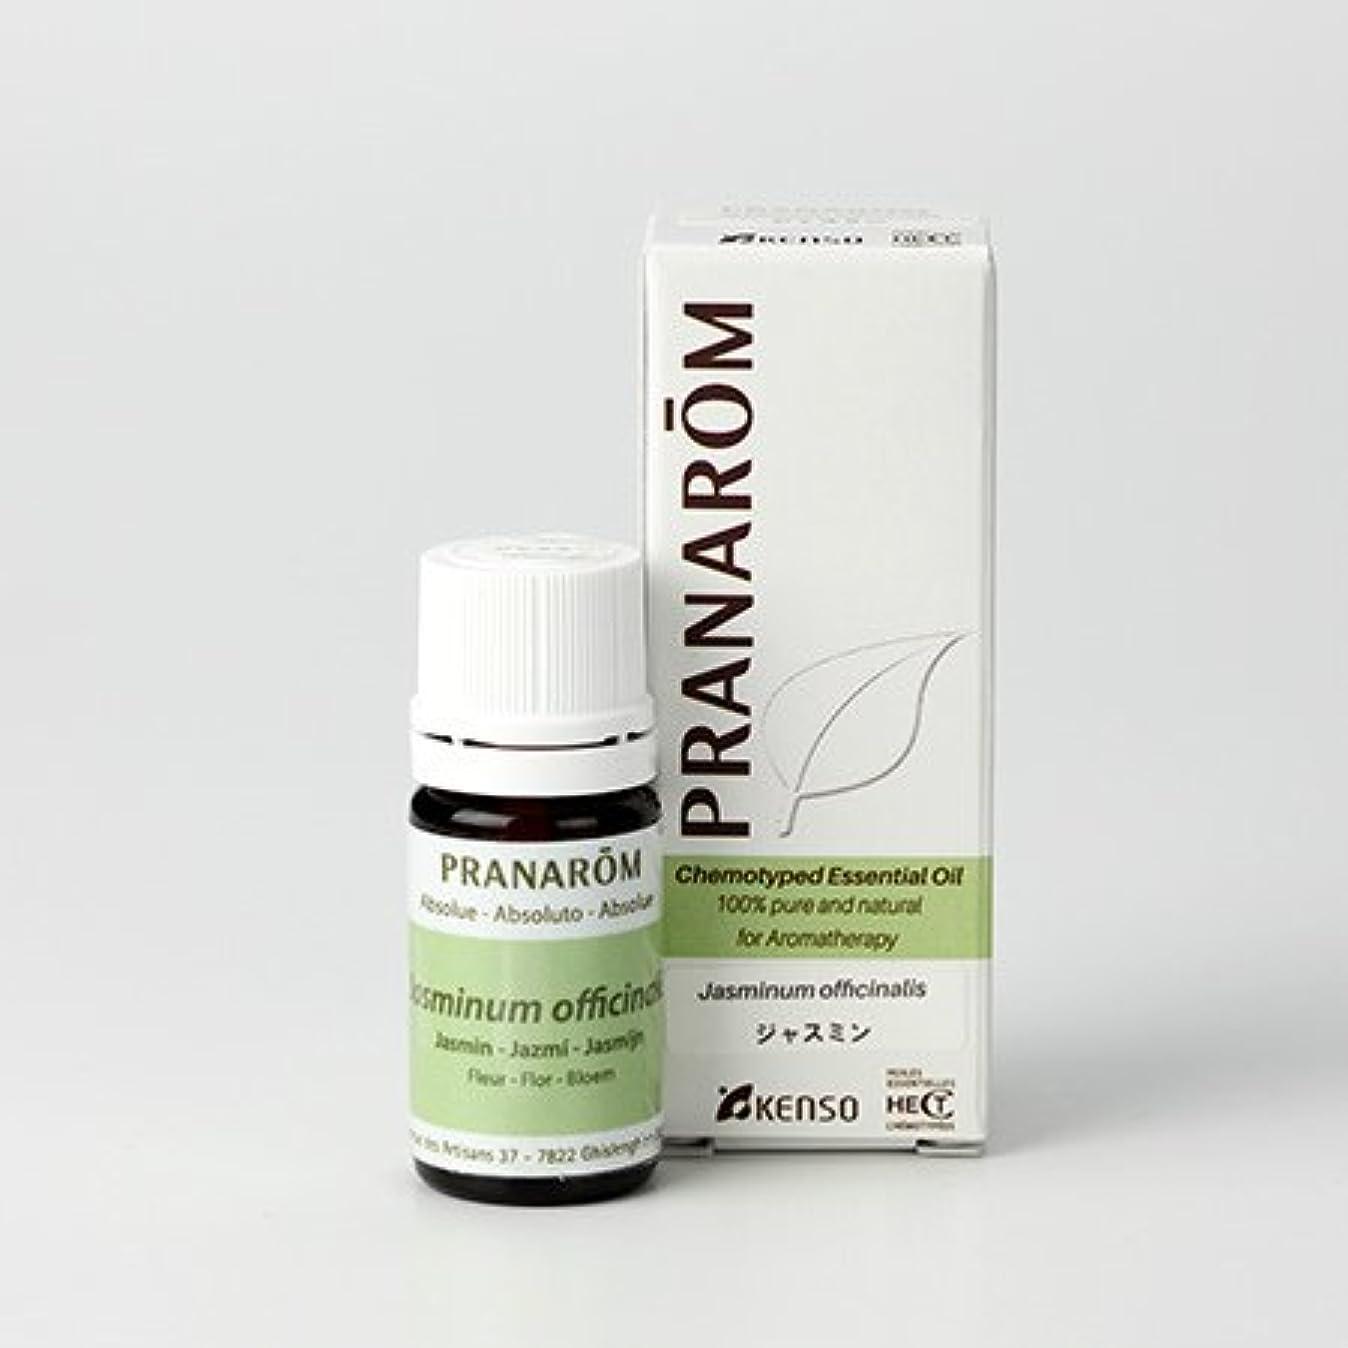 熱帯のデモンストレーション評価するプラナロム ジャスミンAbs. 5ml (PRANAROM ケモタイプ精油)